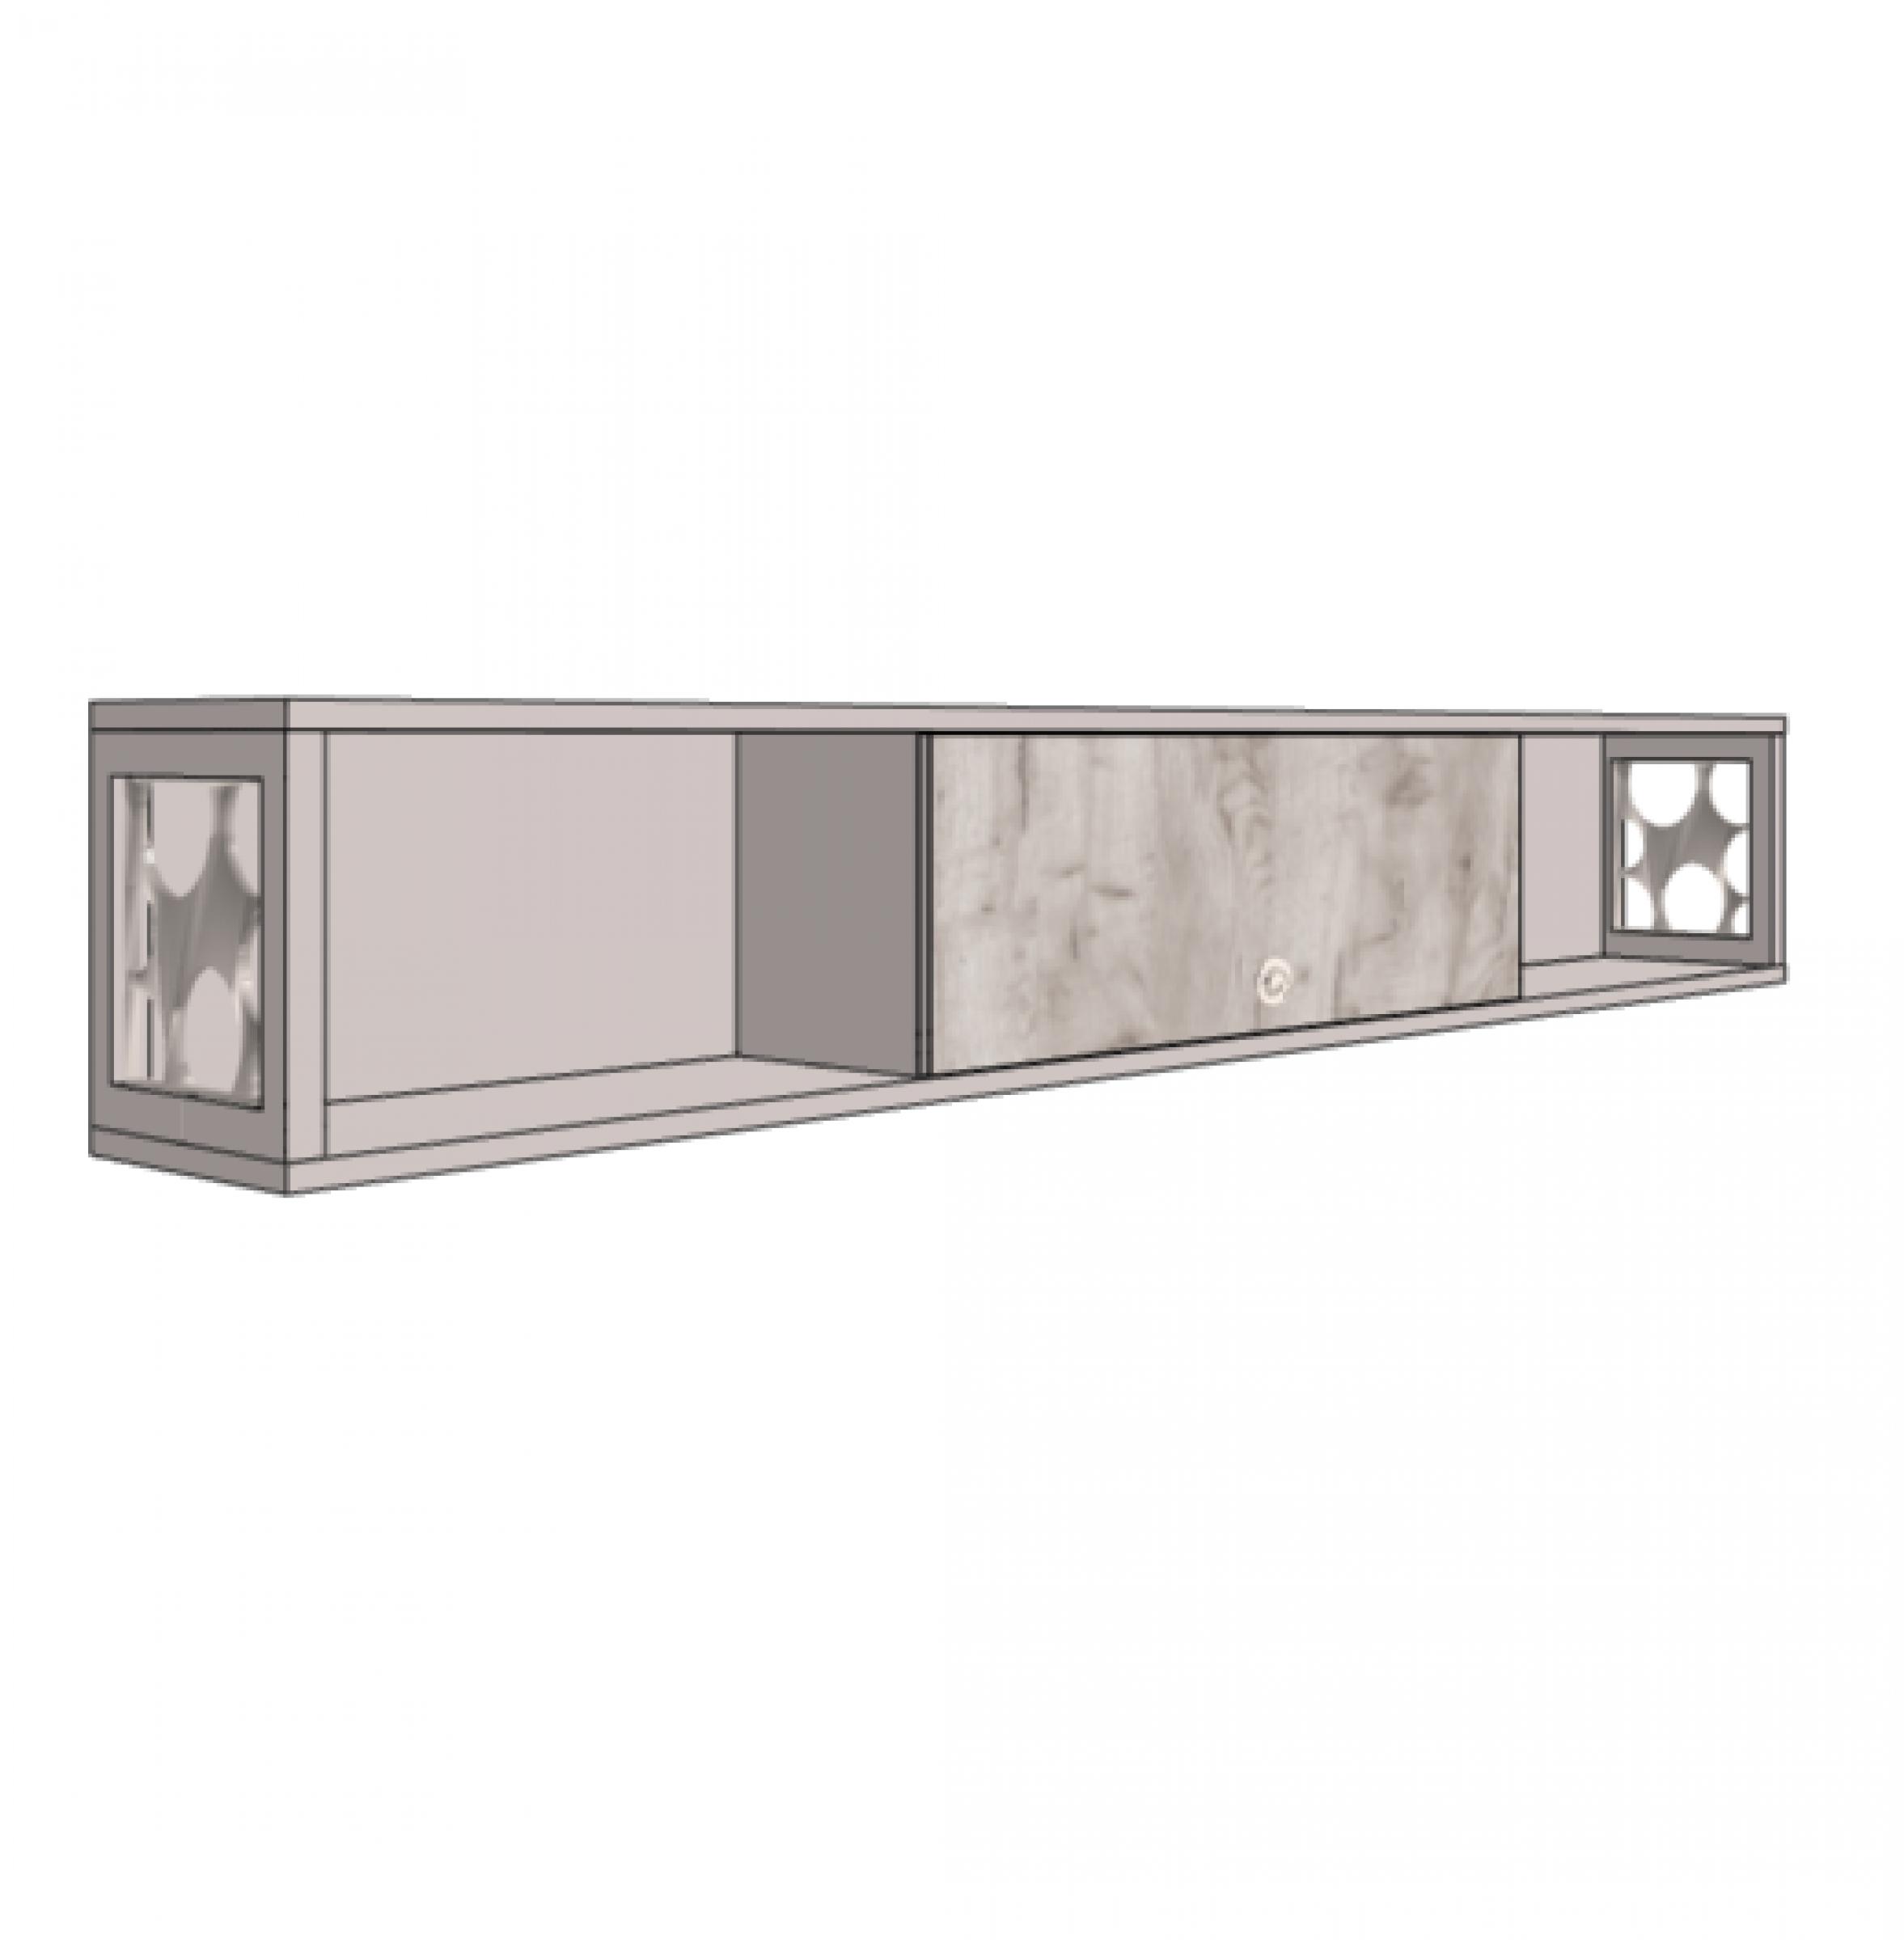 Шкаф навесной с зеркальным фасадом и открытыми полками с декоративными вставками.Артикул: VP4_210